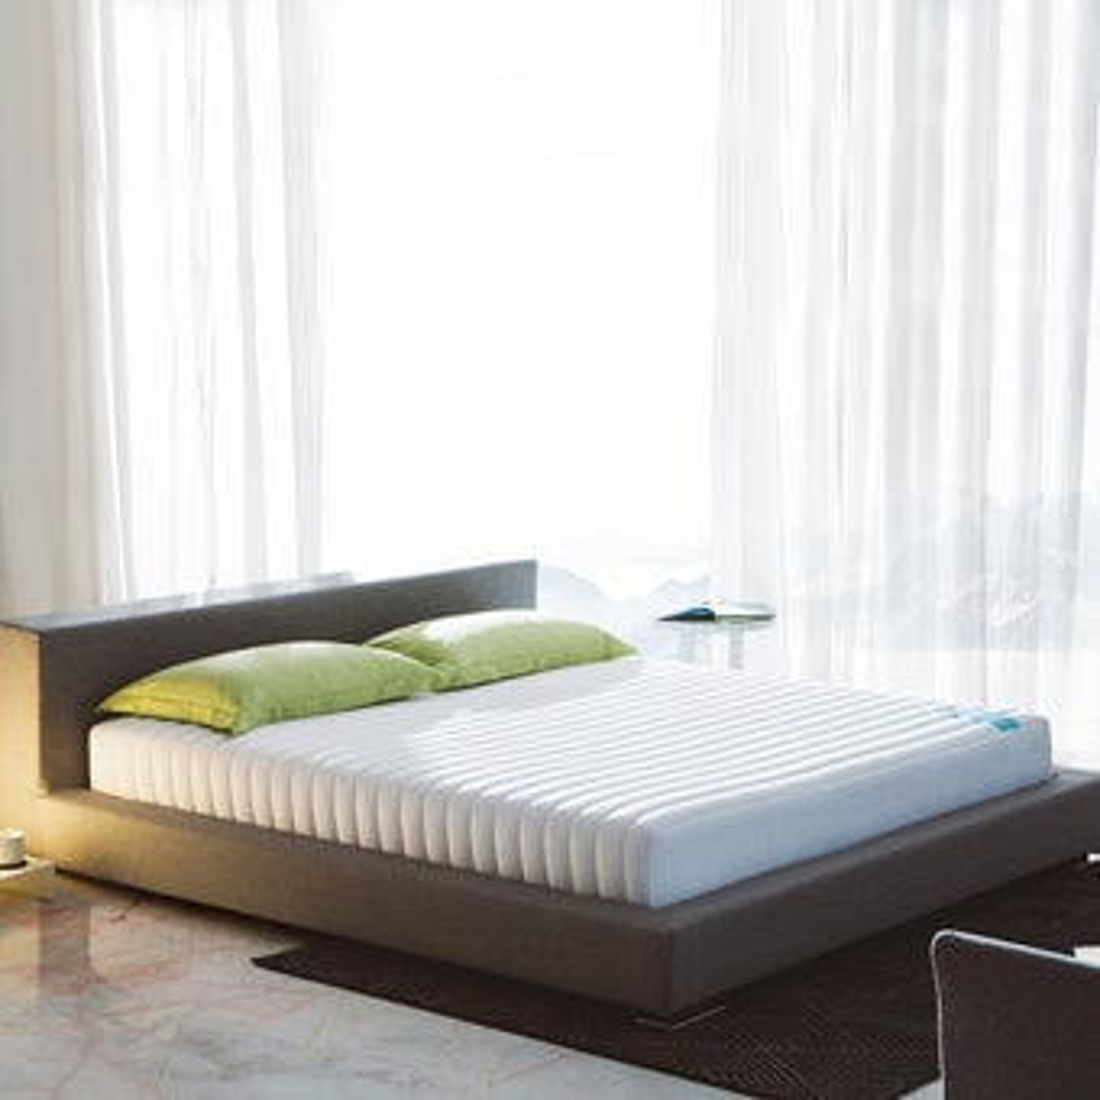 39013176-mattress-bedding-mattresses-foam-mattresses-31